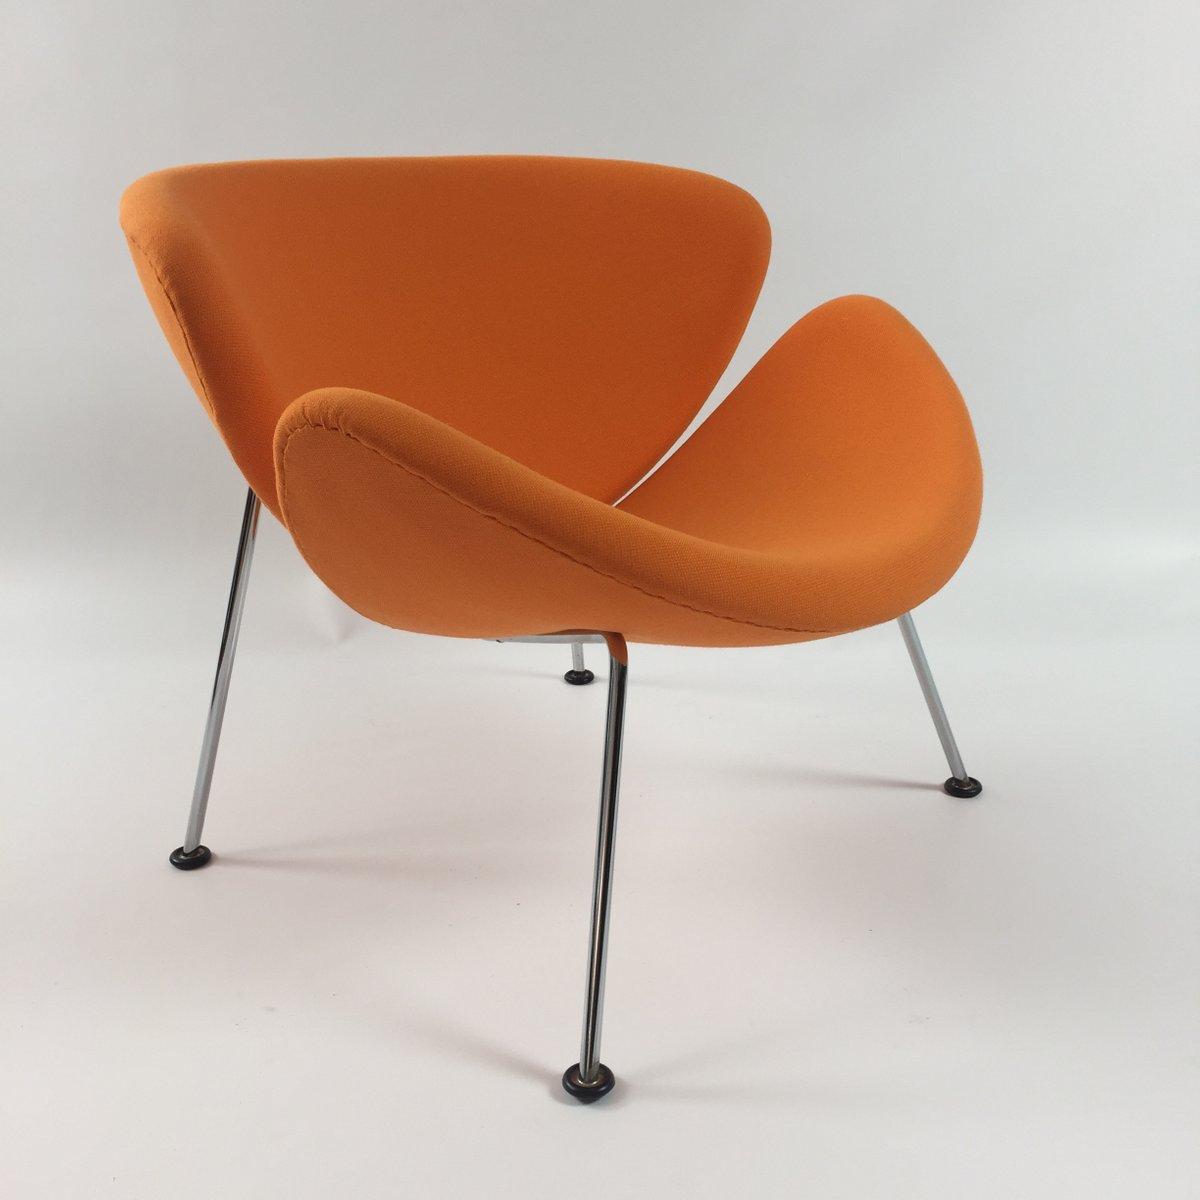 Fauteuil Orange Slice Vintage Par Pierre Paulin Pour Artifort En - Fauteuil orange